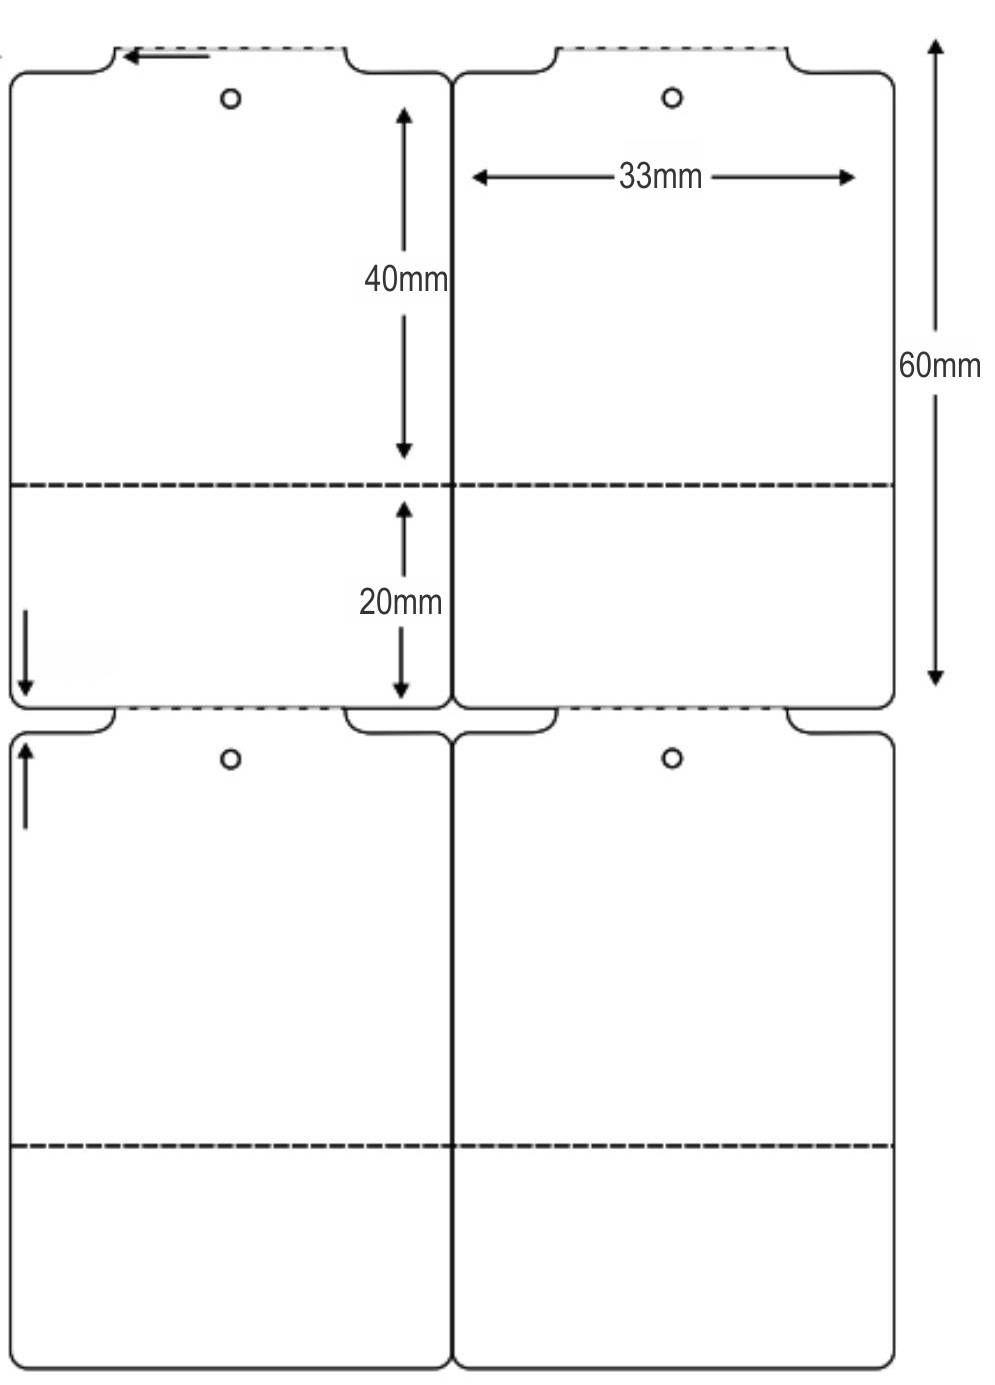 Etiqueta Tag Térmica  33mm x 60mm (4 Rolos c/ 1500 un. cada)